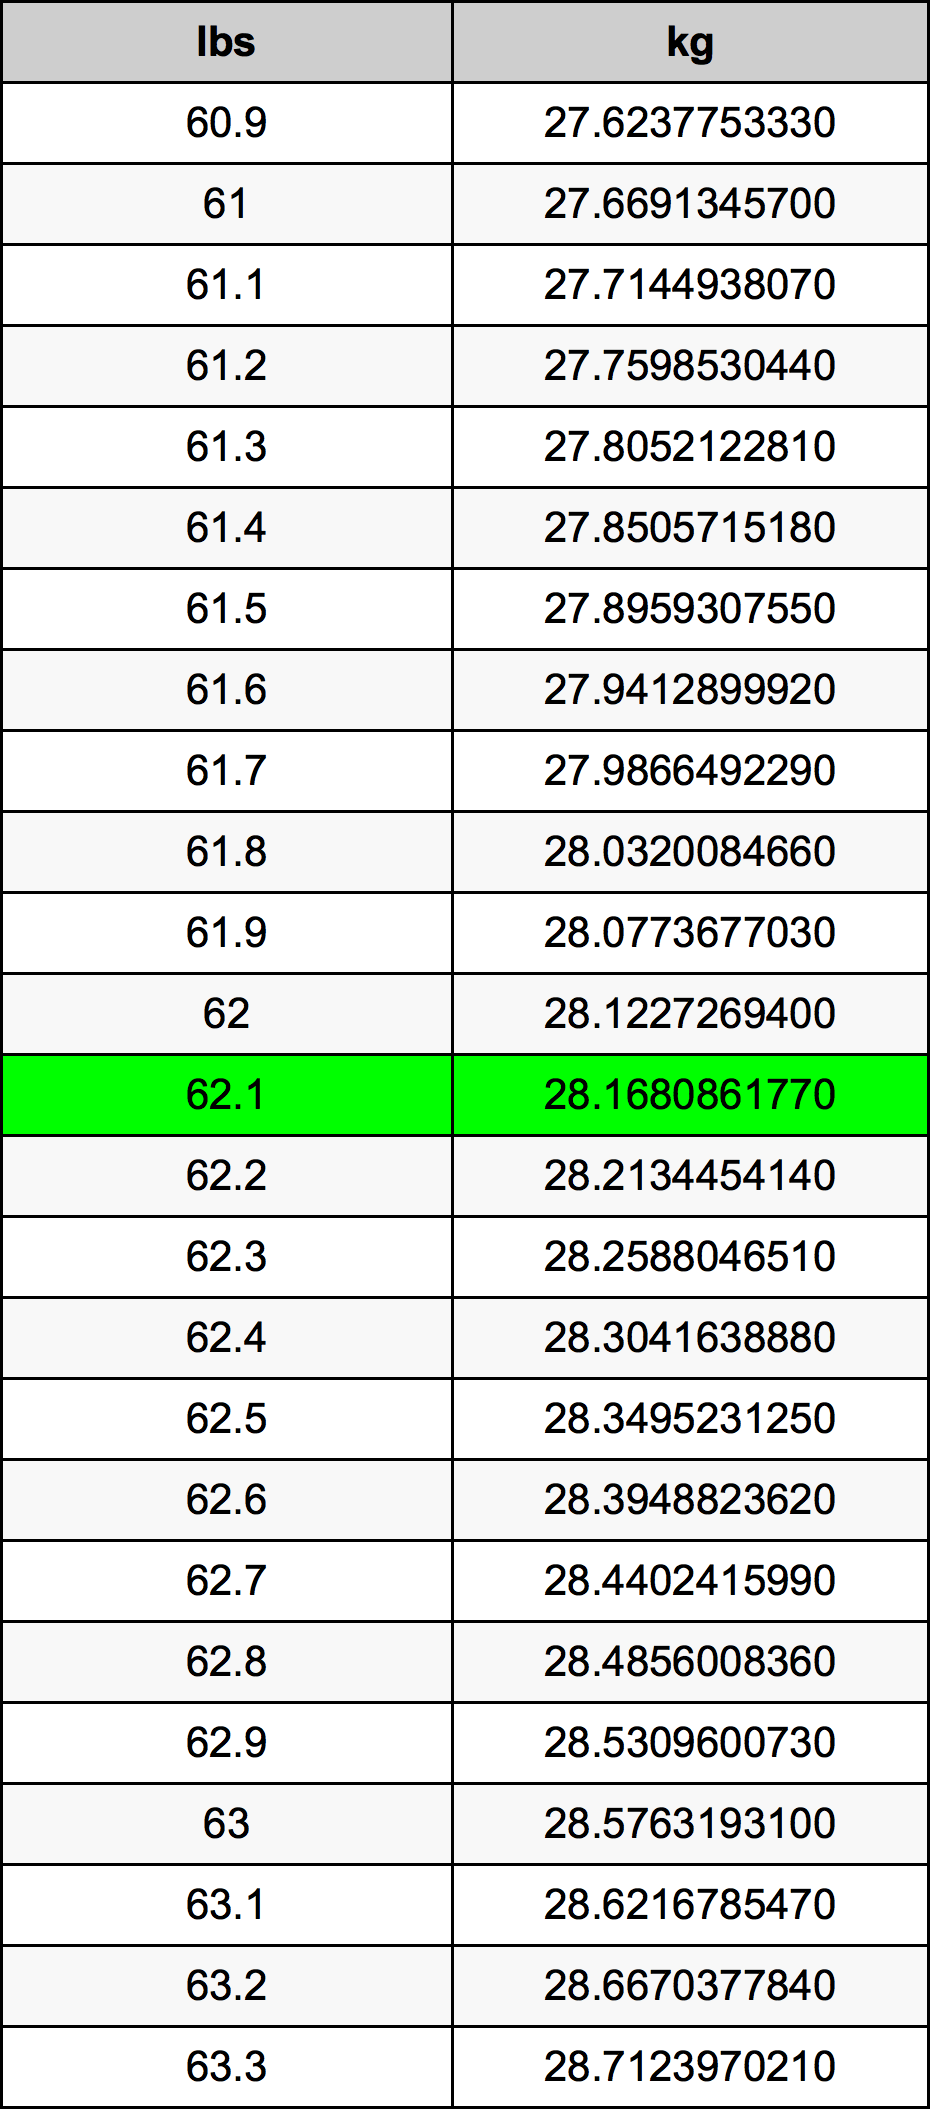 62.1 livră tabelul de conversie